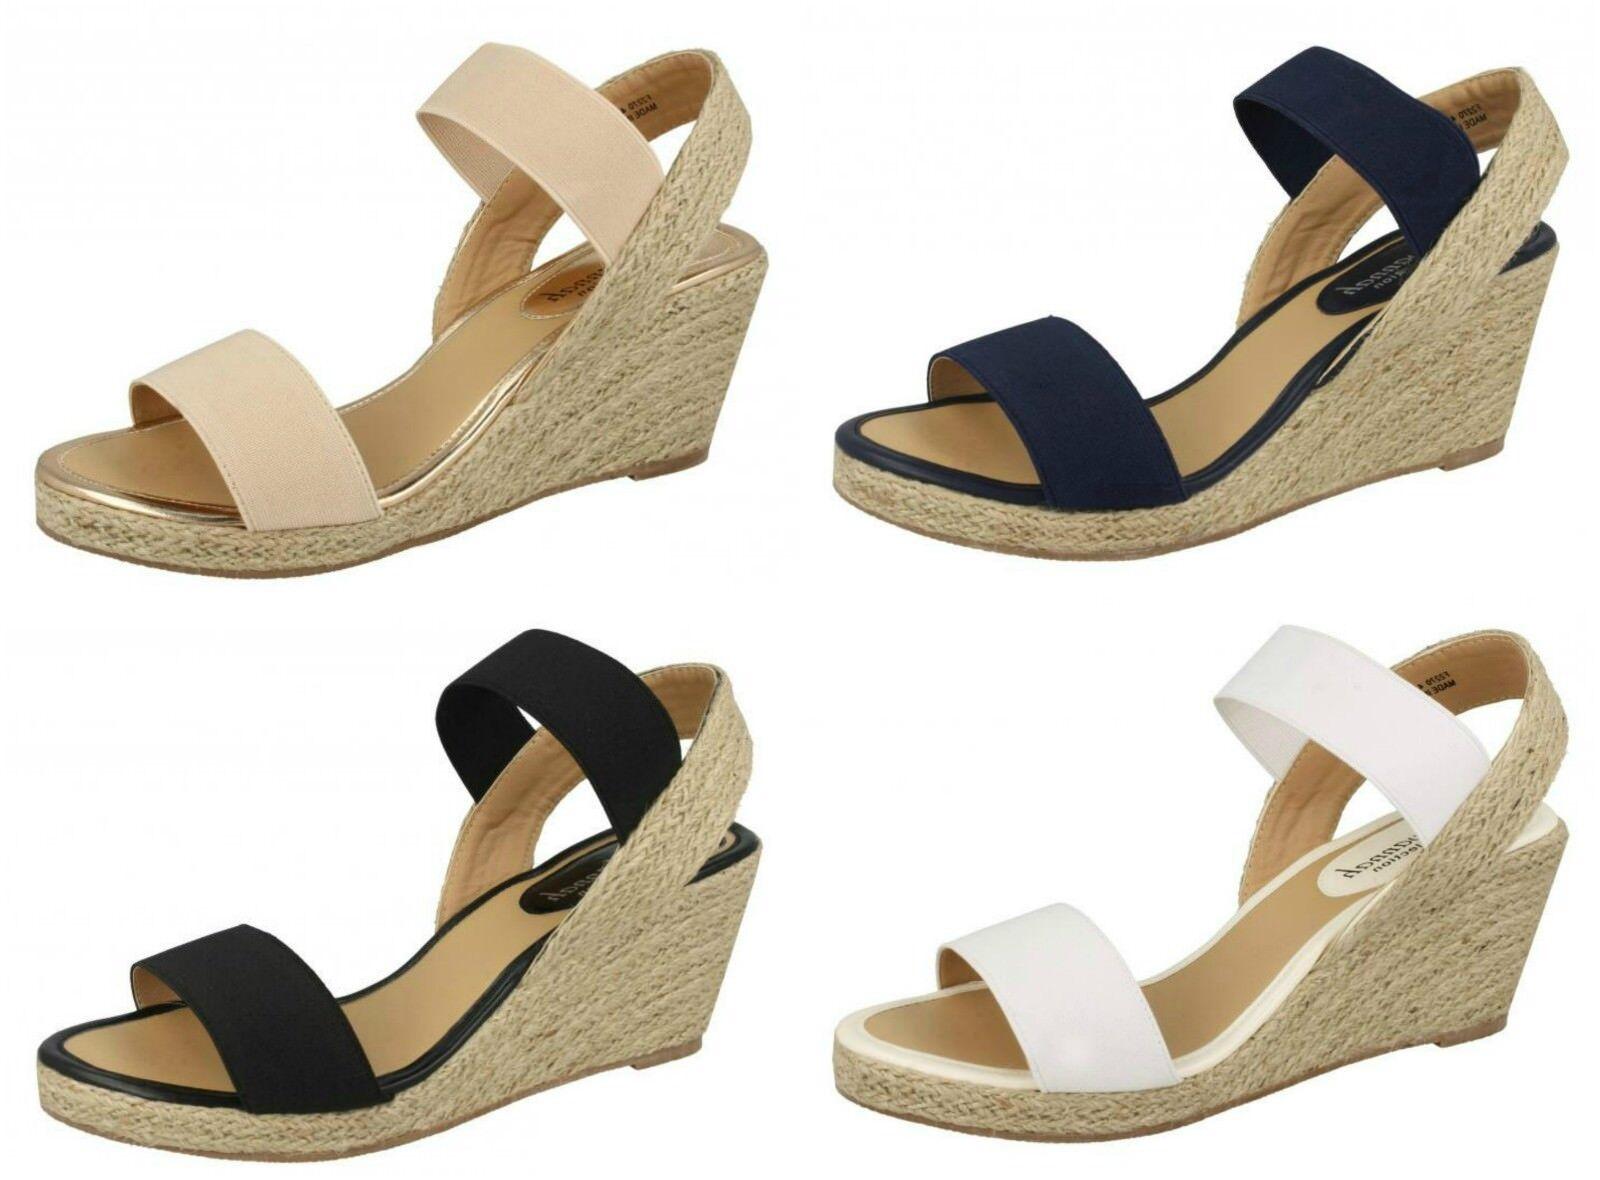 F2R270- Ladies Mule Savannah Wedge Rope Espadrille Mule Ladies Sandal 4 Colours- Great Price 7d6fcf